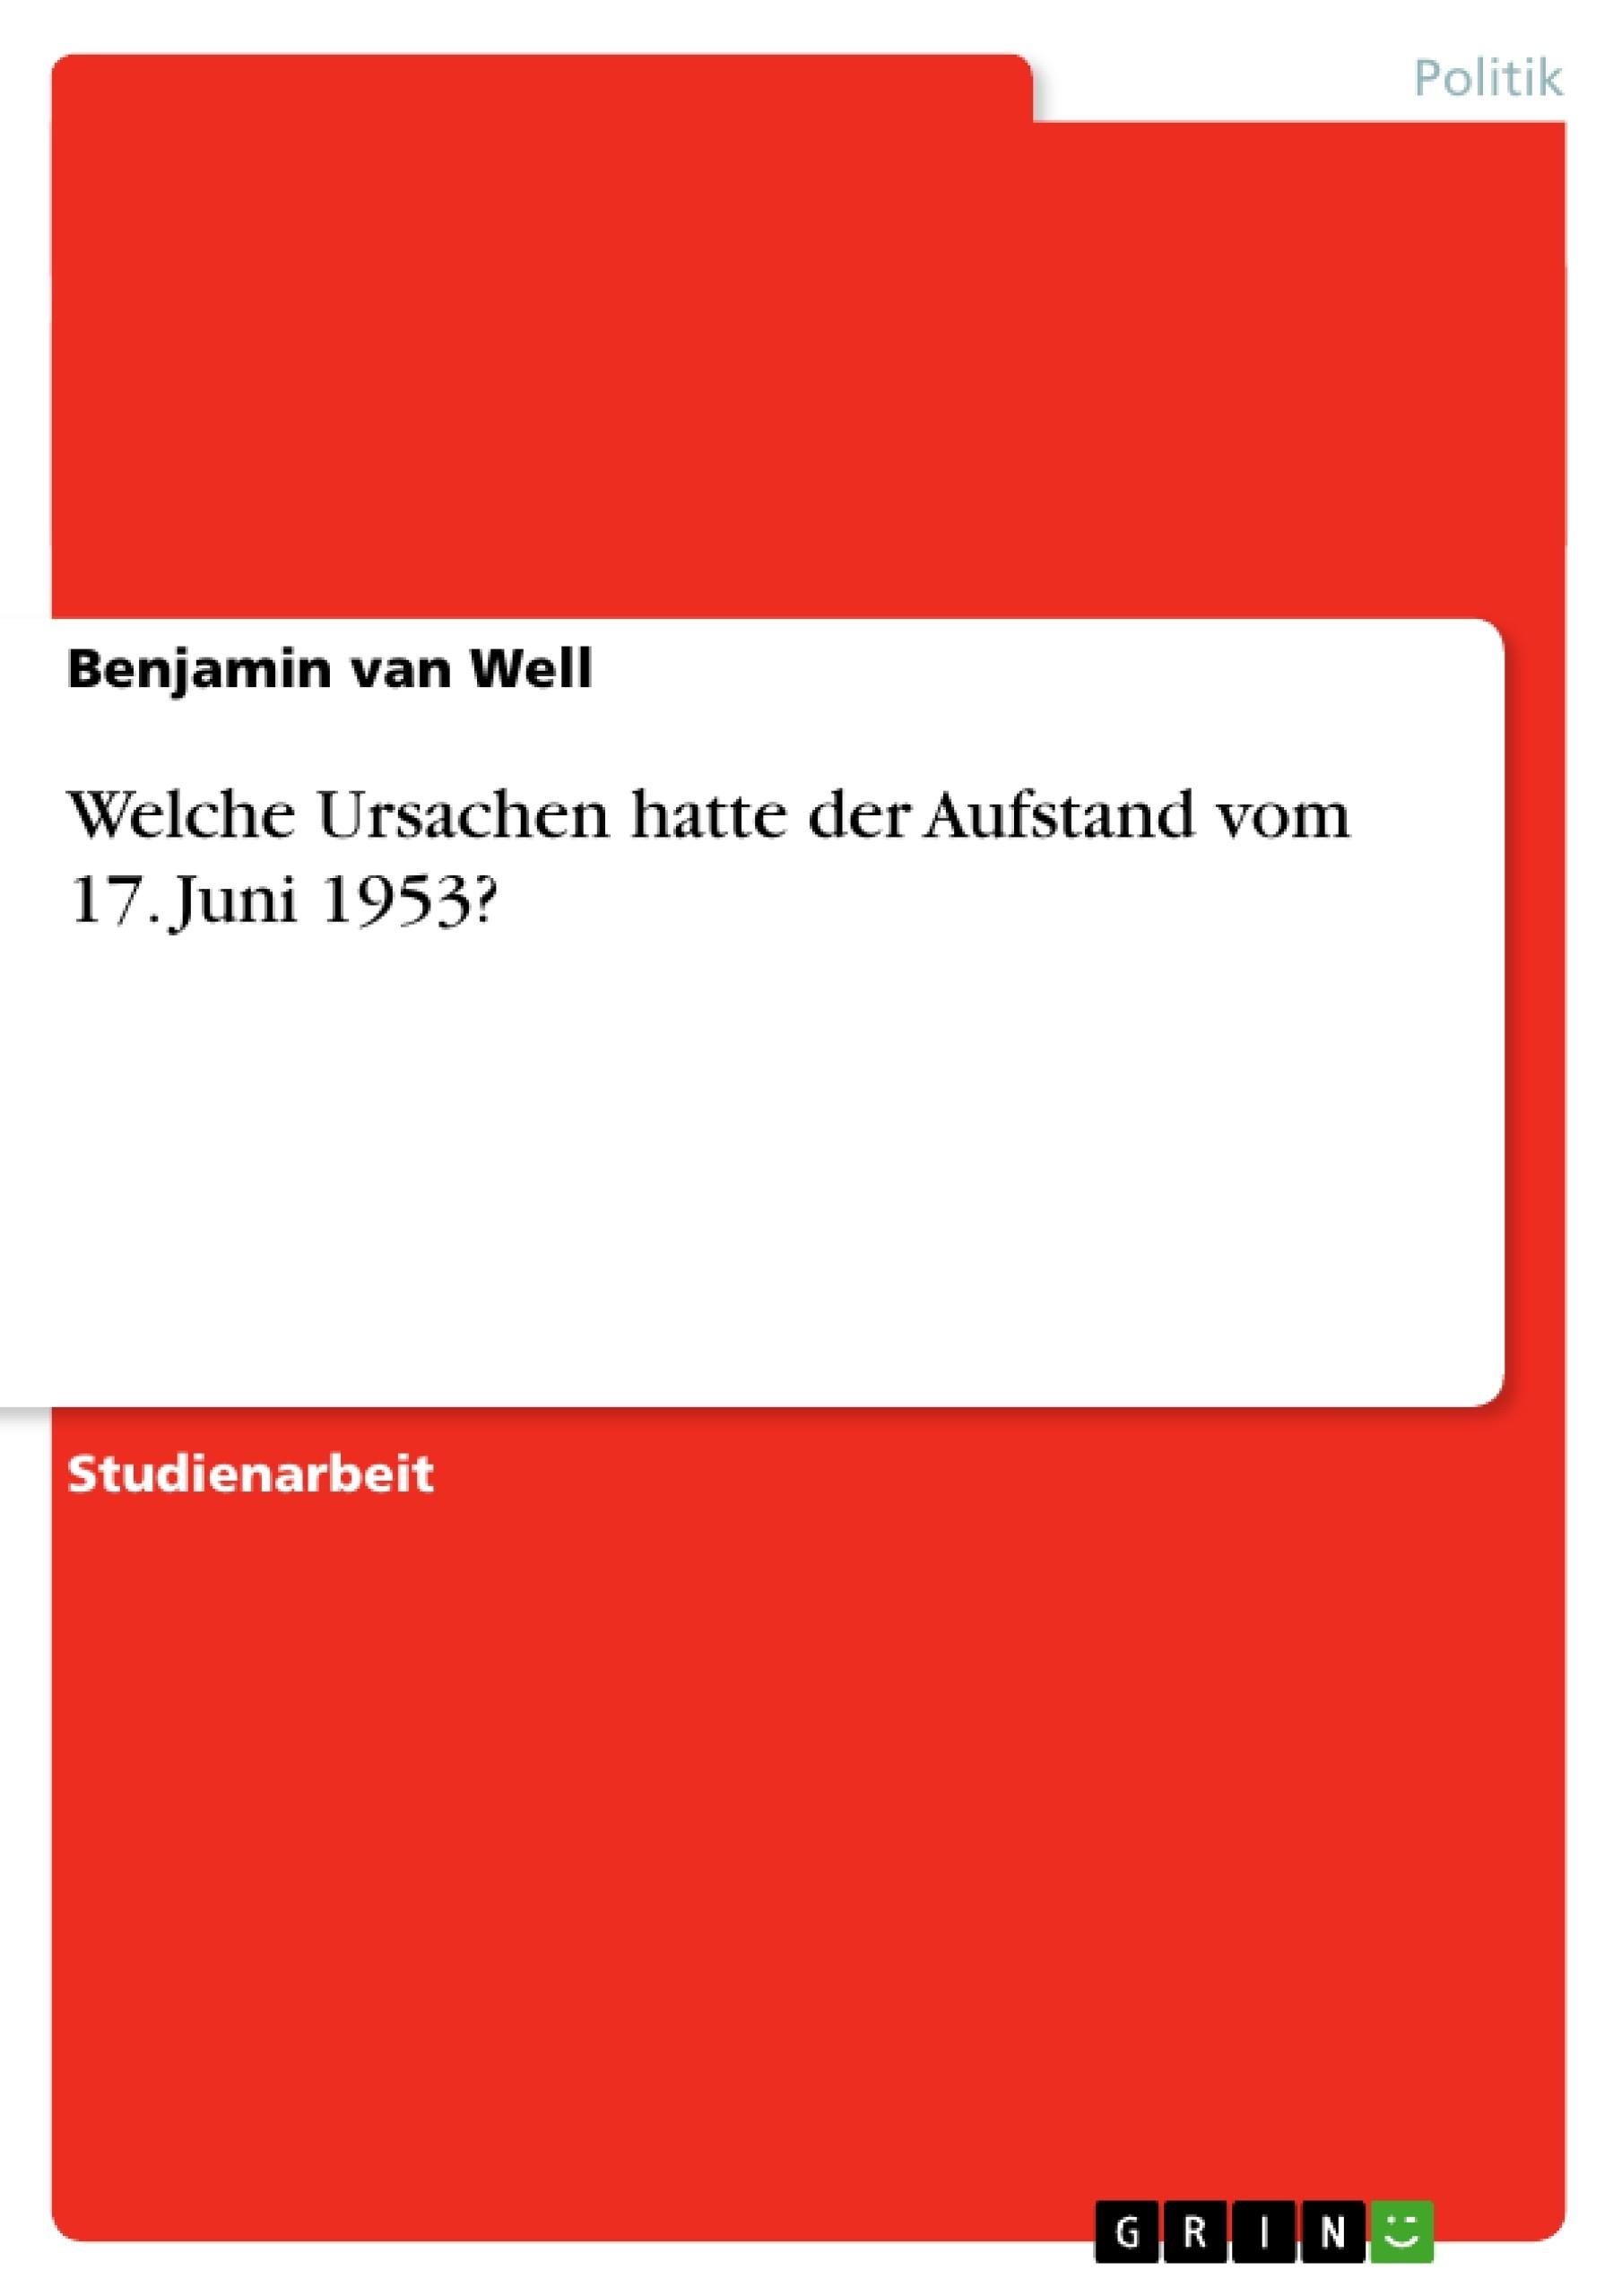 Titel: Welche Ursachen hatte der Aufstand vom 17. Juni 1953?